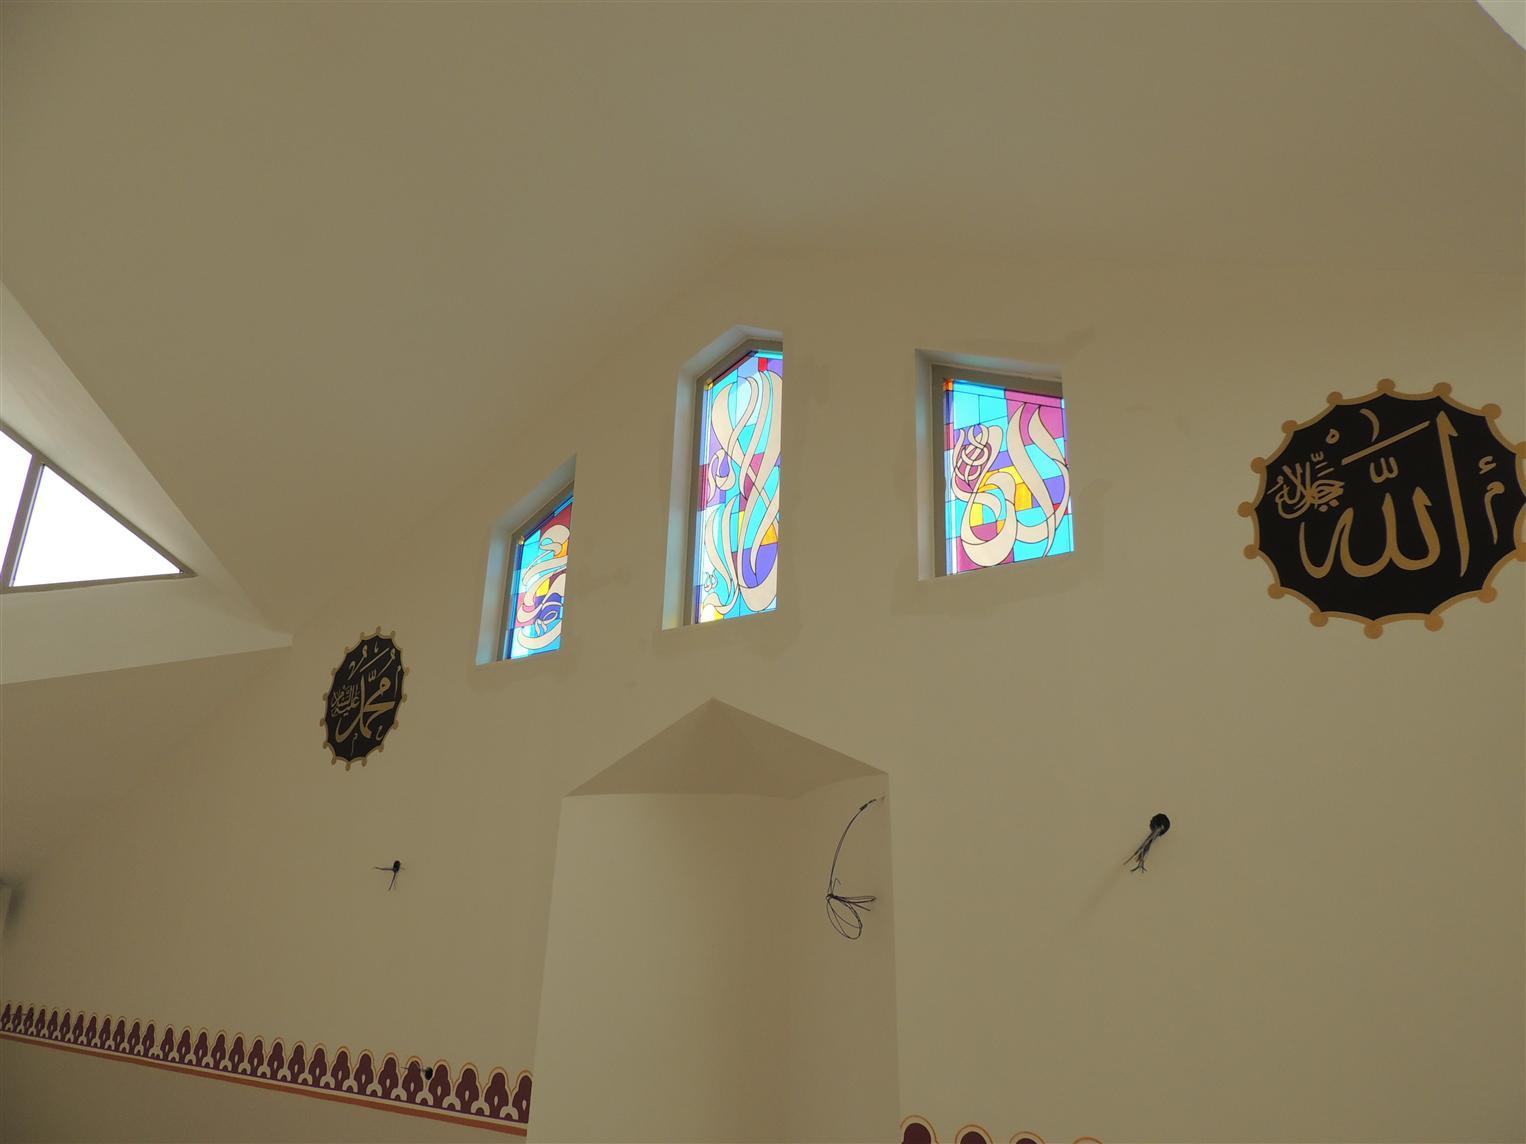 piri-reis-camii201592117404025.jpg izmir vitray çalışması